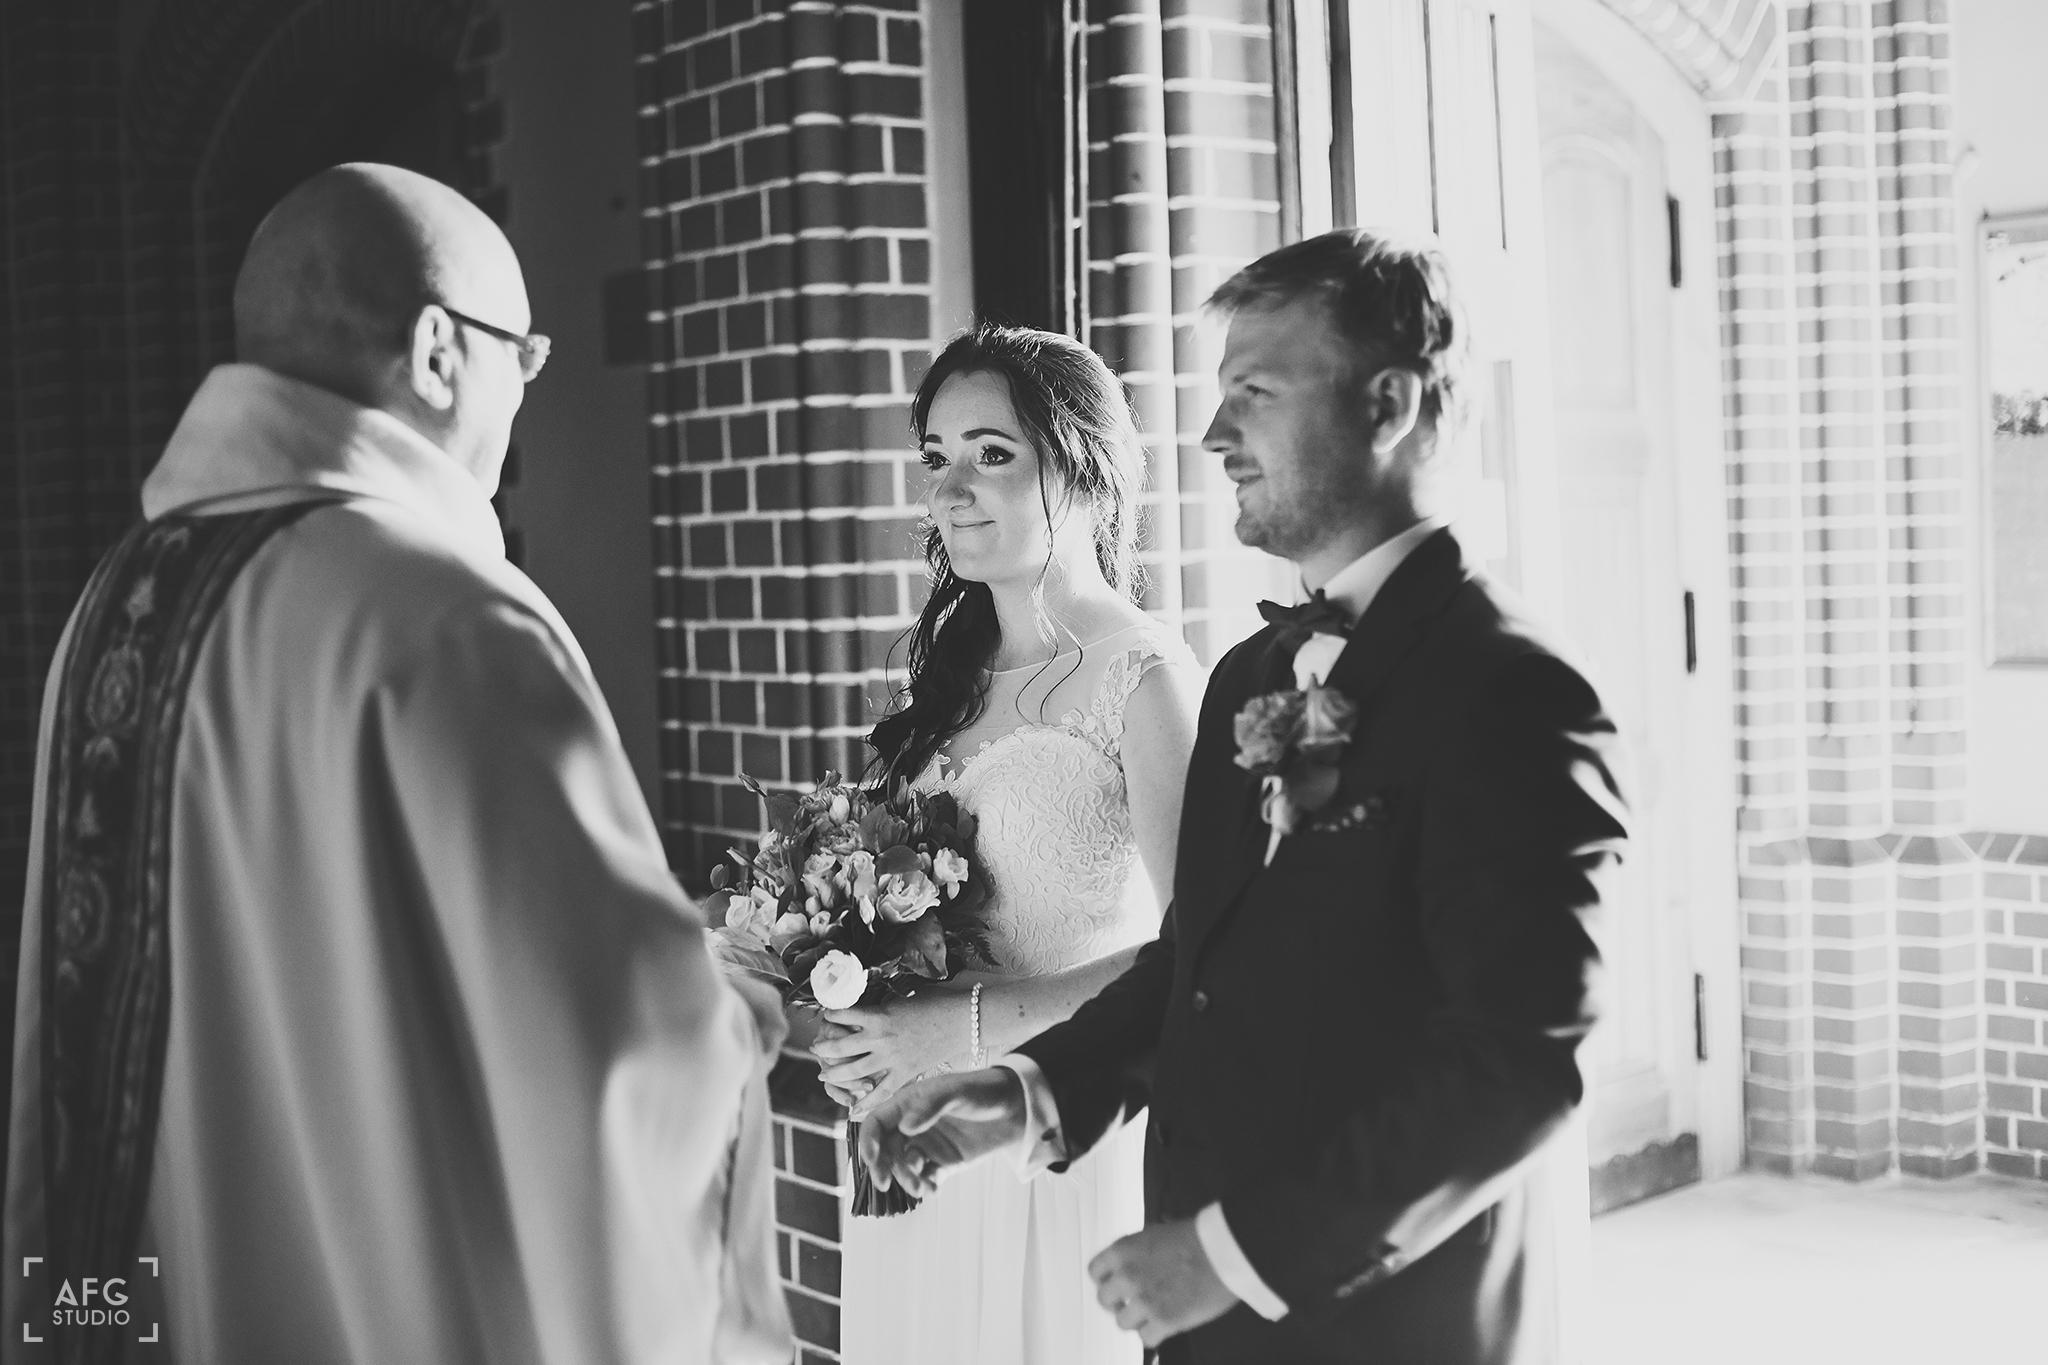 kościół, ślub, para młoda